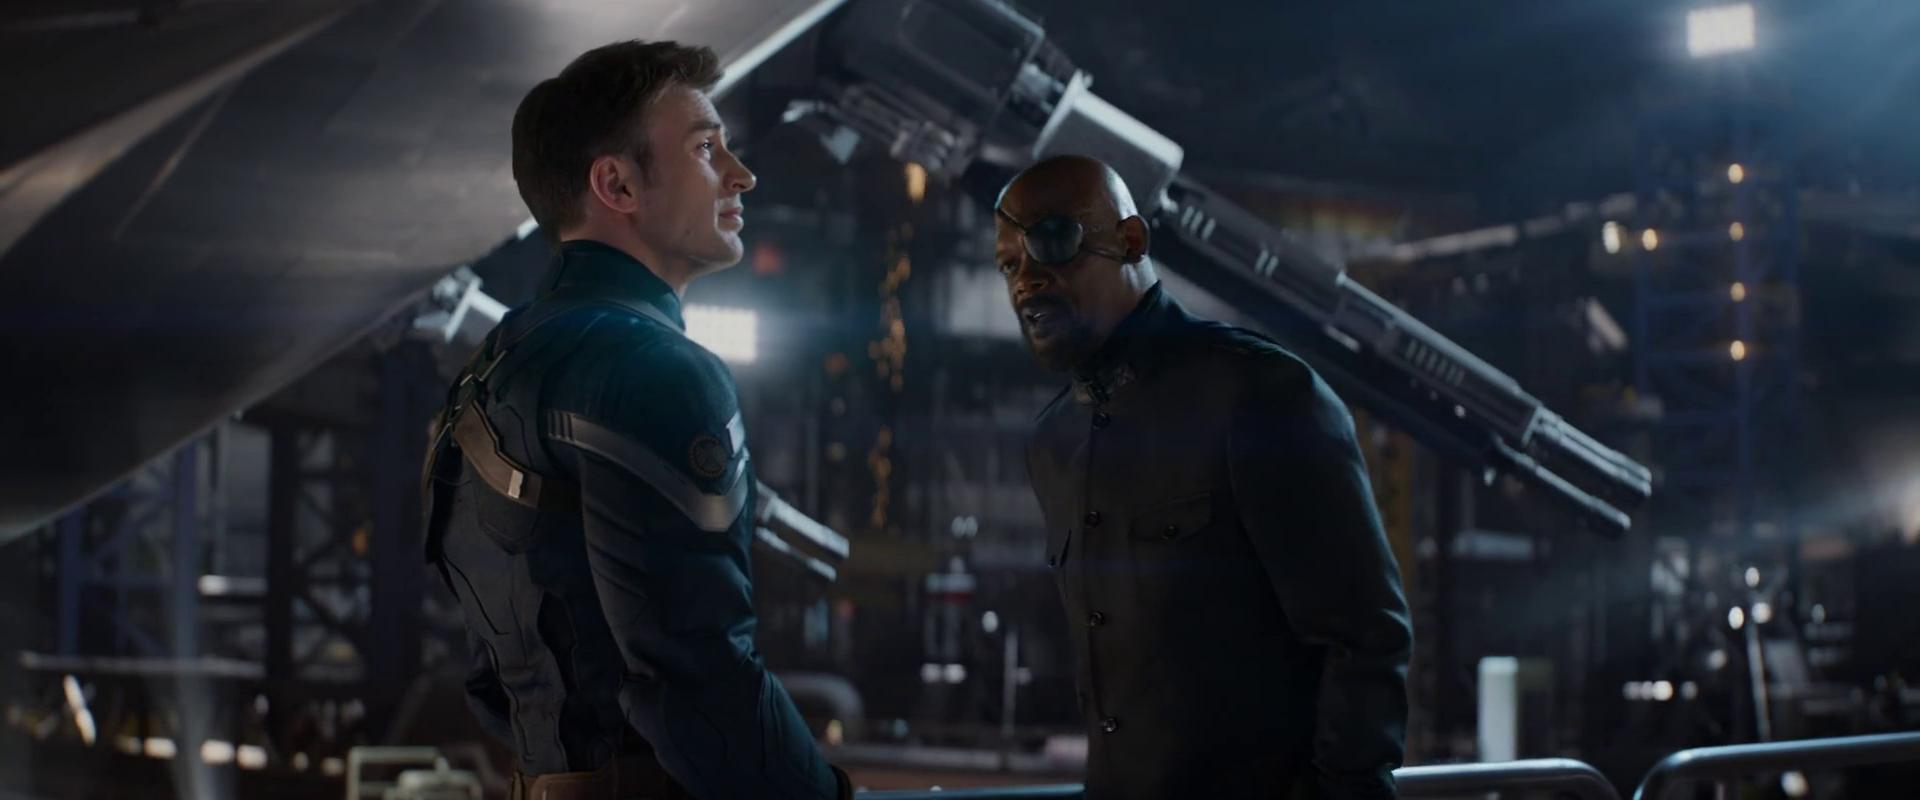 Amerika kapitány és Nick Fury a Vízió projektről társalog az <em>Amerika kapitány: A tél katonájá</em>ban. A jelenetben világosan a terror elleni háborúval kapcsolatos aggályok és félelmek fogalmazódnak meg.